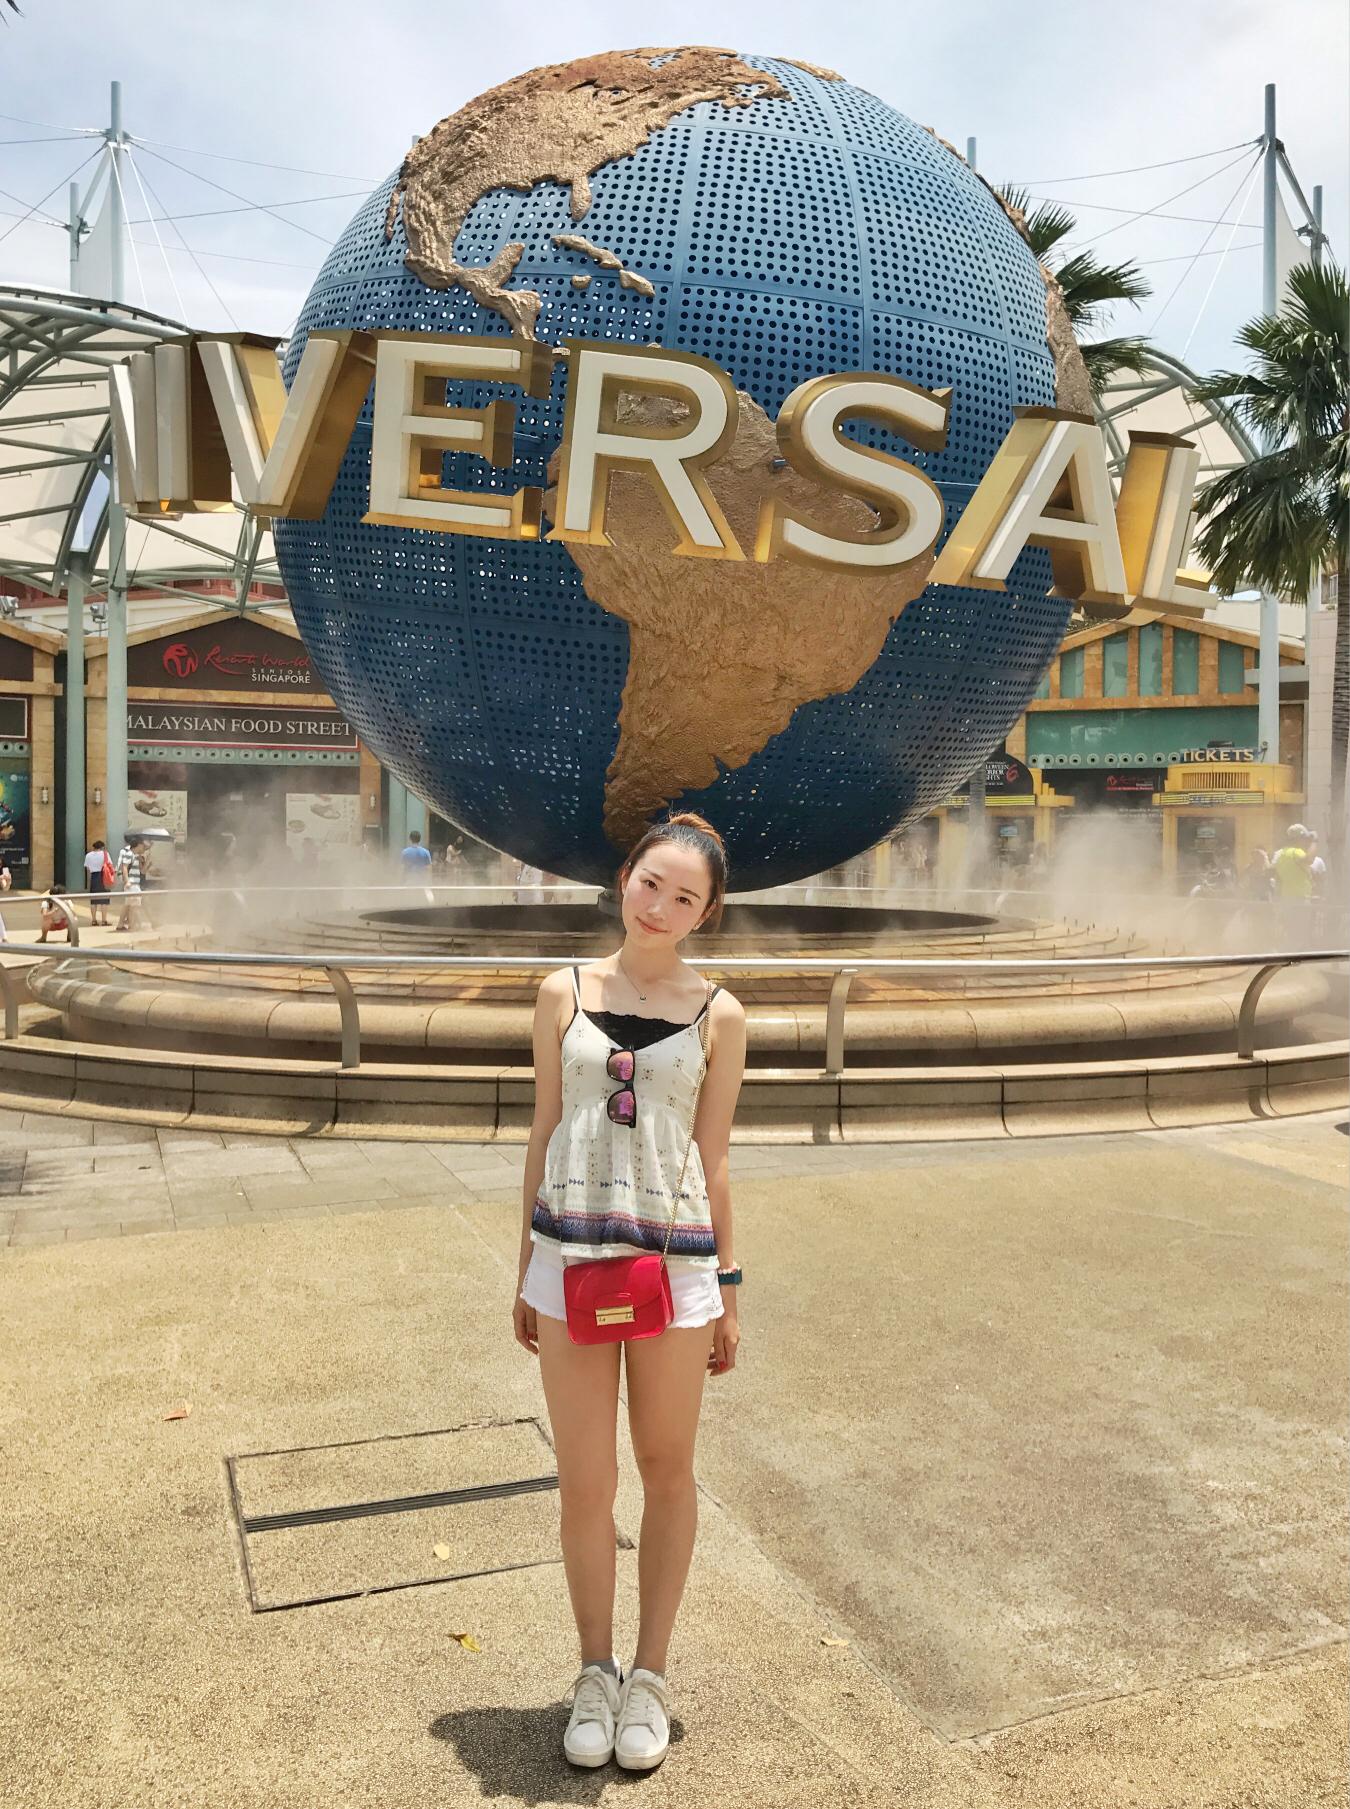 Singapore-a special family trip